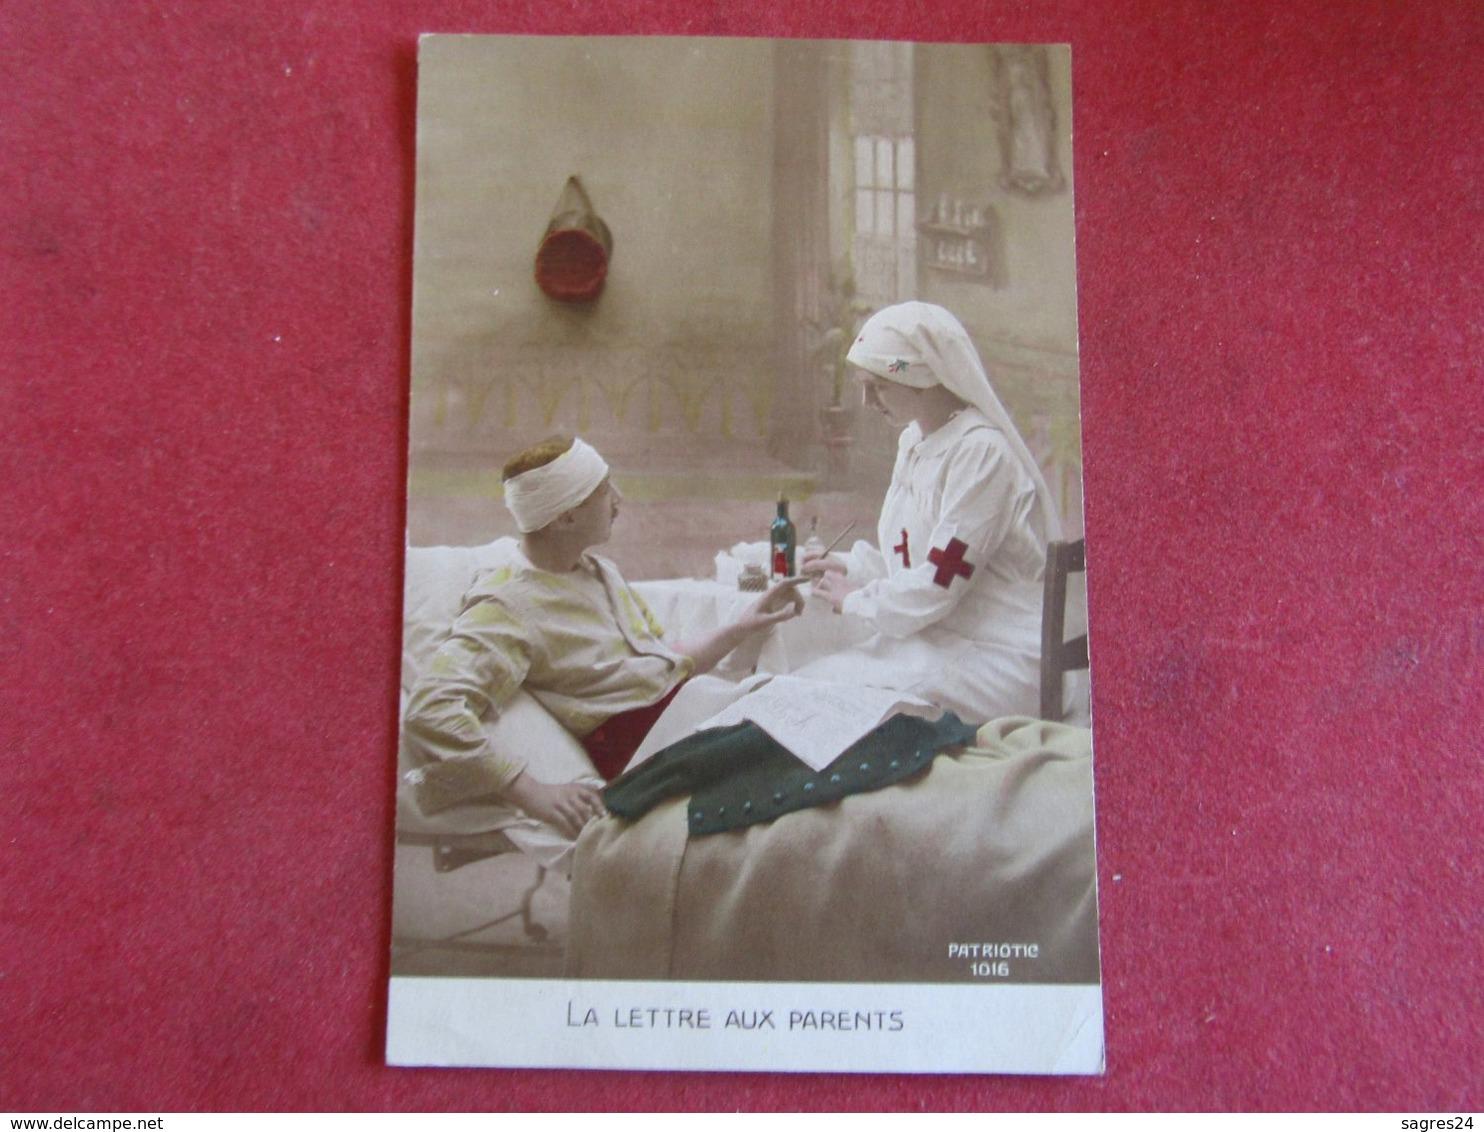 Patriotic - La Lettre Aux Parents - Croix-Rouge